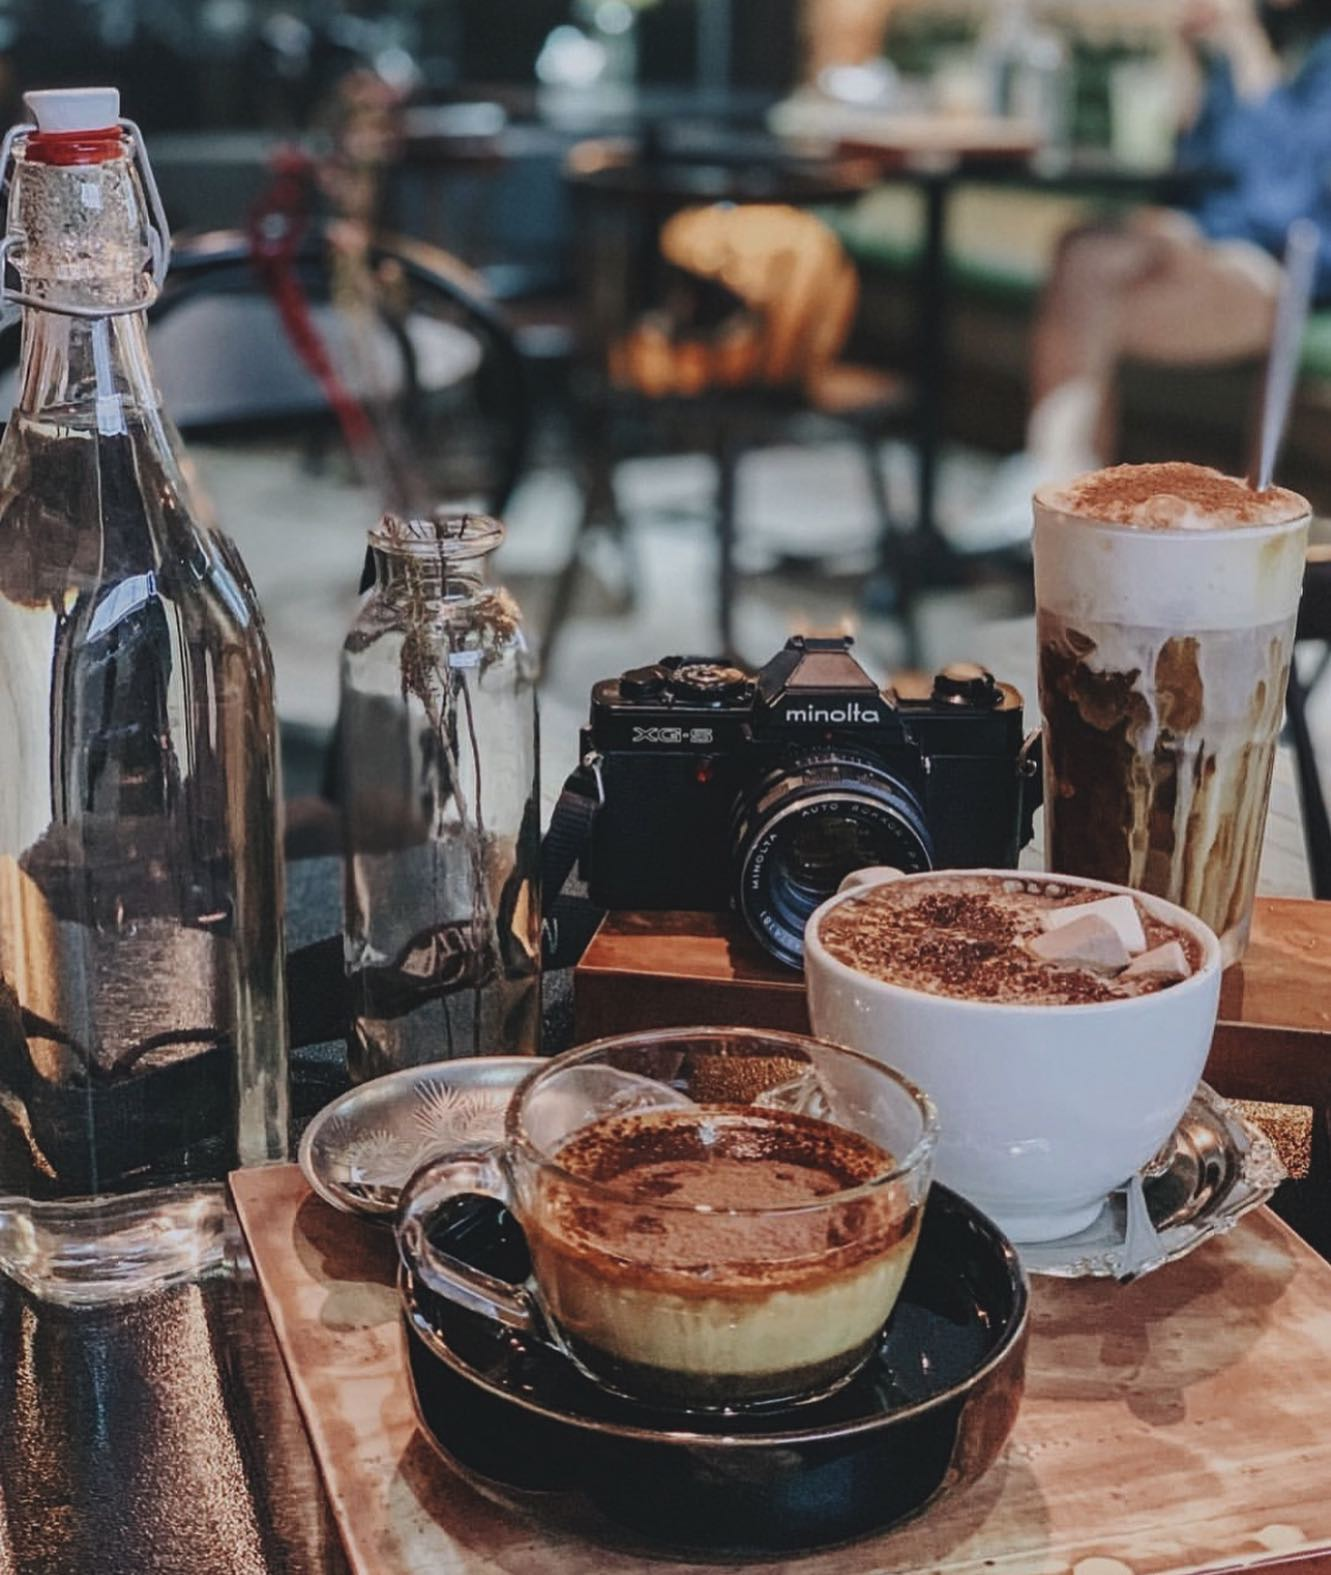 sai-gon-cafe-co-thoi-coffee-sai-gon-5